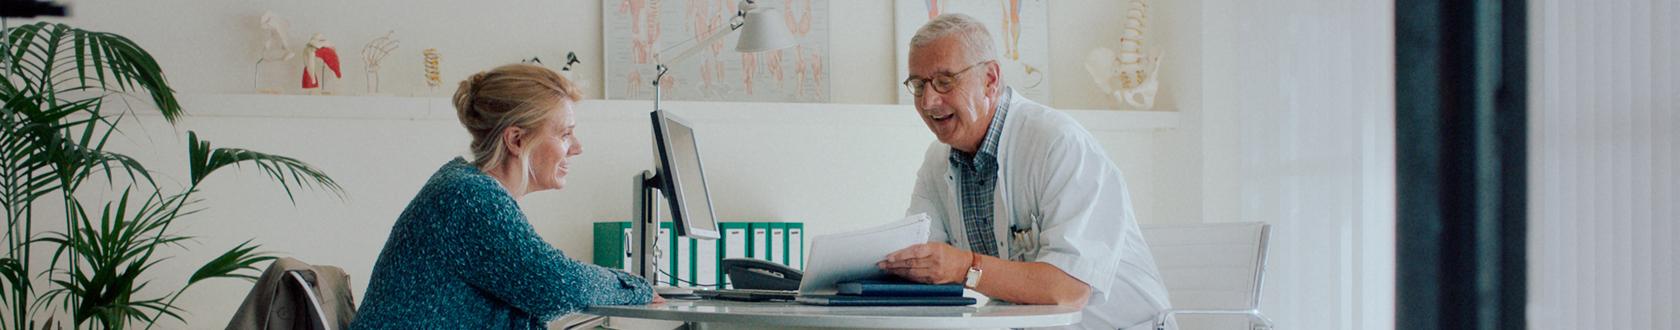 Afbeelding van een arts en patiënt die overleggen over een second opinion